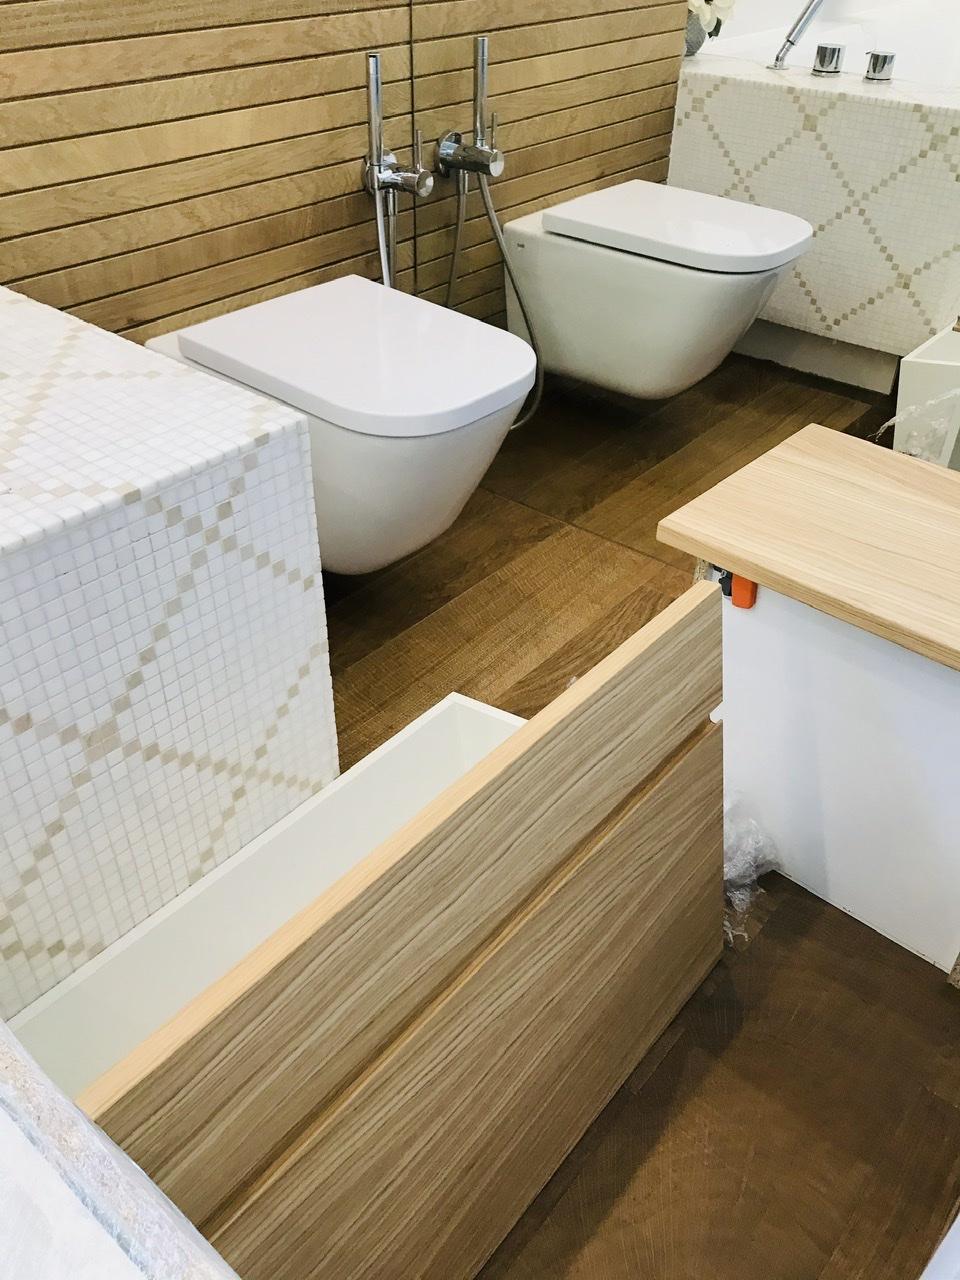 Naše L-ko - 2021 - stále dokončujeme - Hlavná kúpeľňa - konečne vyrobené dubové skrinky a ich montáž. Tento rok sa robí dolná a horná umývadlová zostava. Následne ešte zostáva zostava zabudovanej pračky s pradelnymi košmi